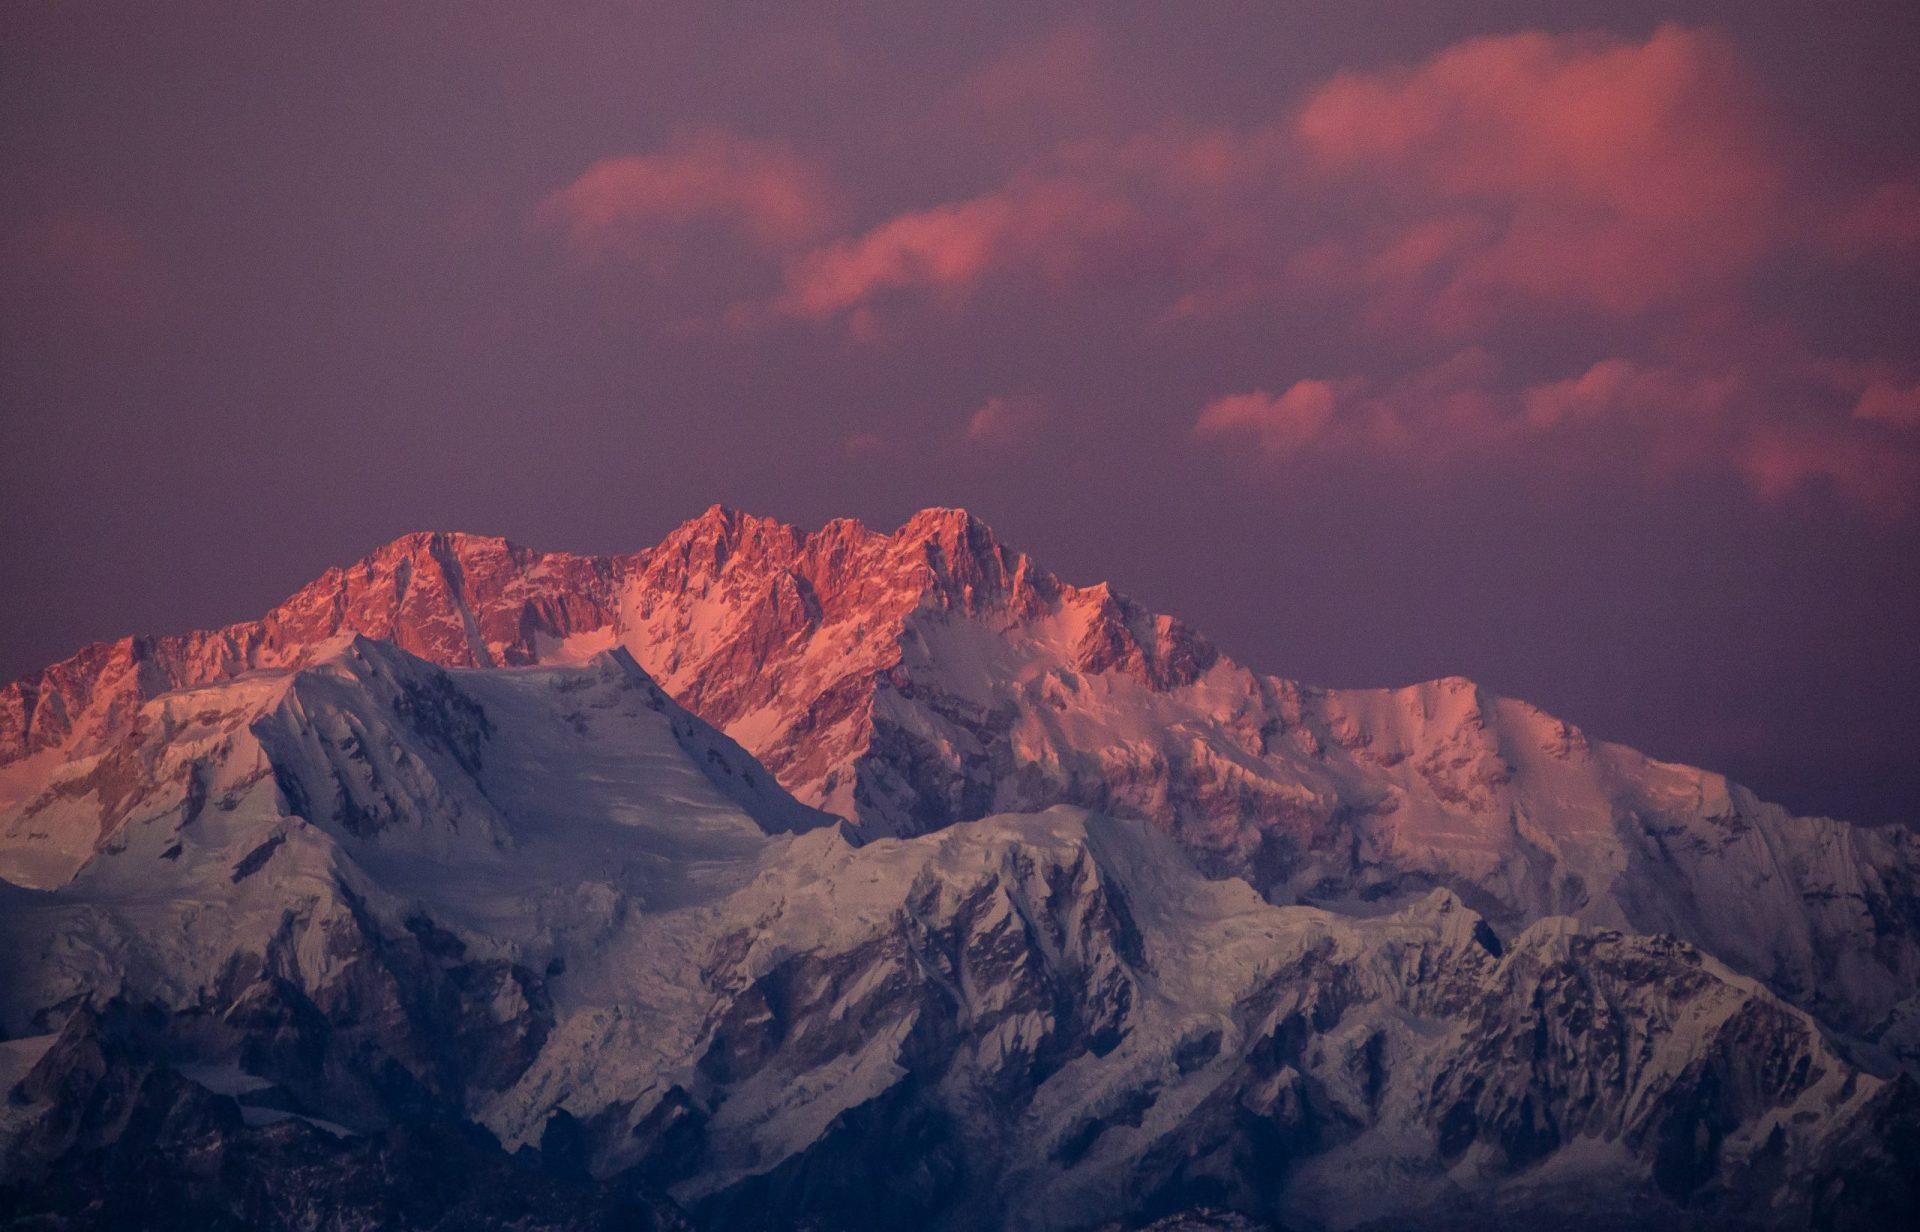 Kanchenjunga from Sandakphu Trek